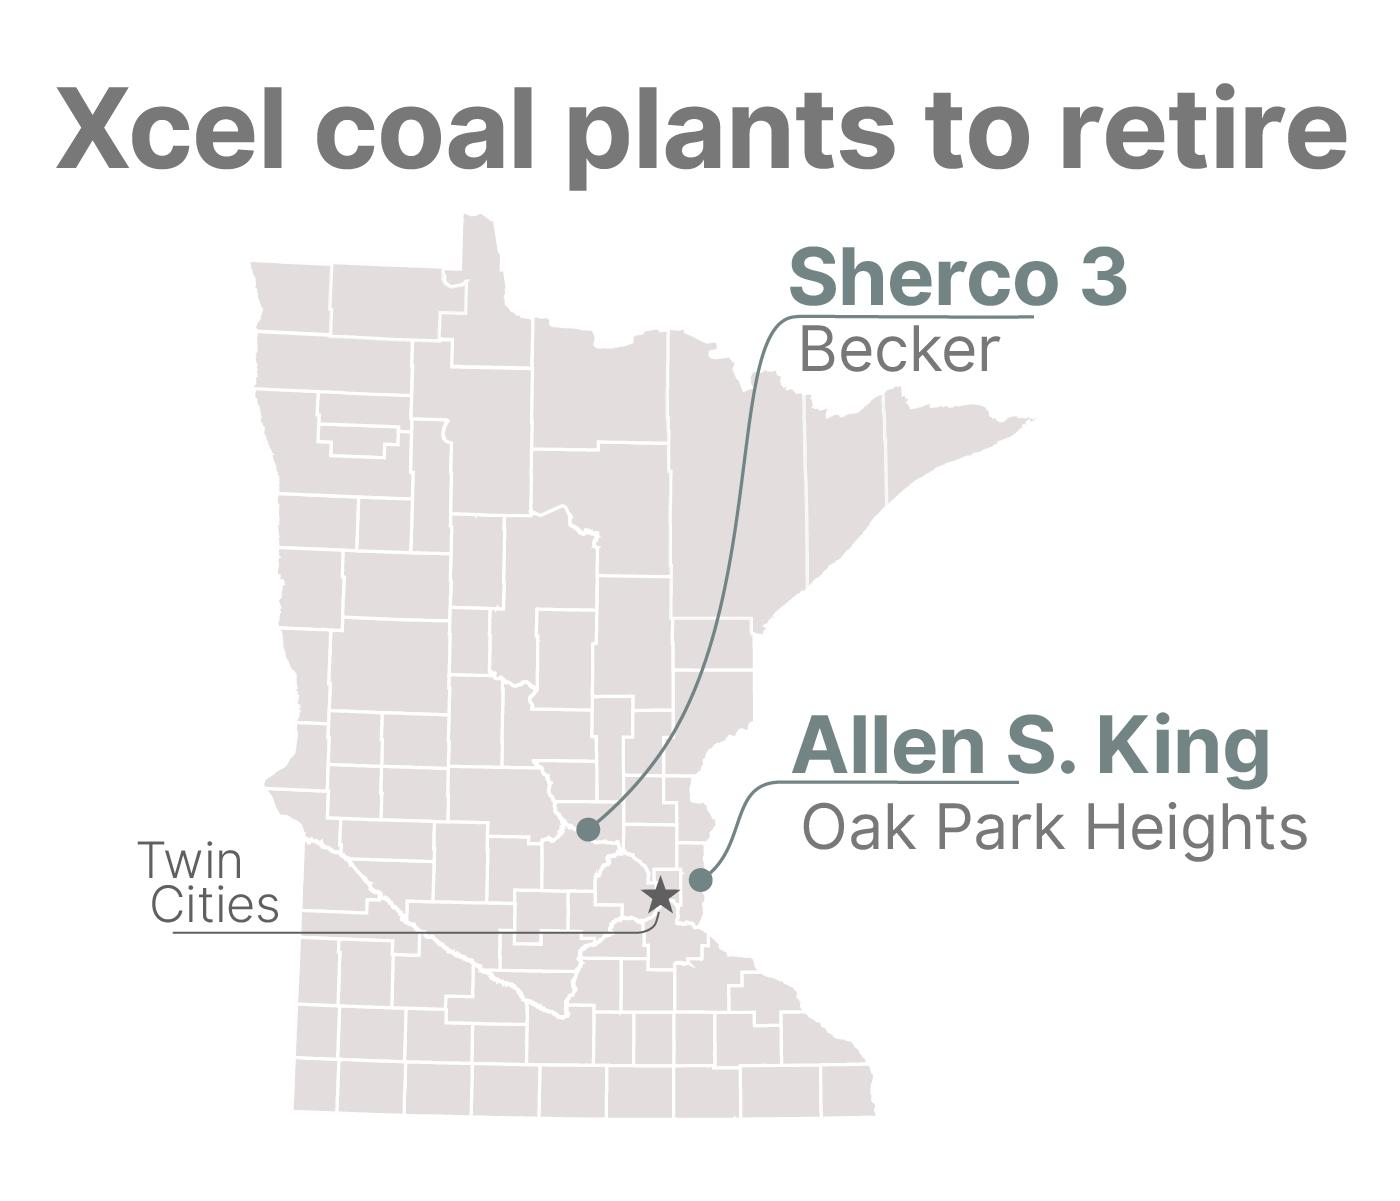 Xcel的新计划:到2030年无煤,核能到2040年